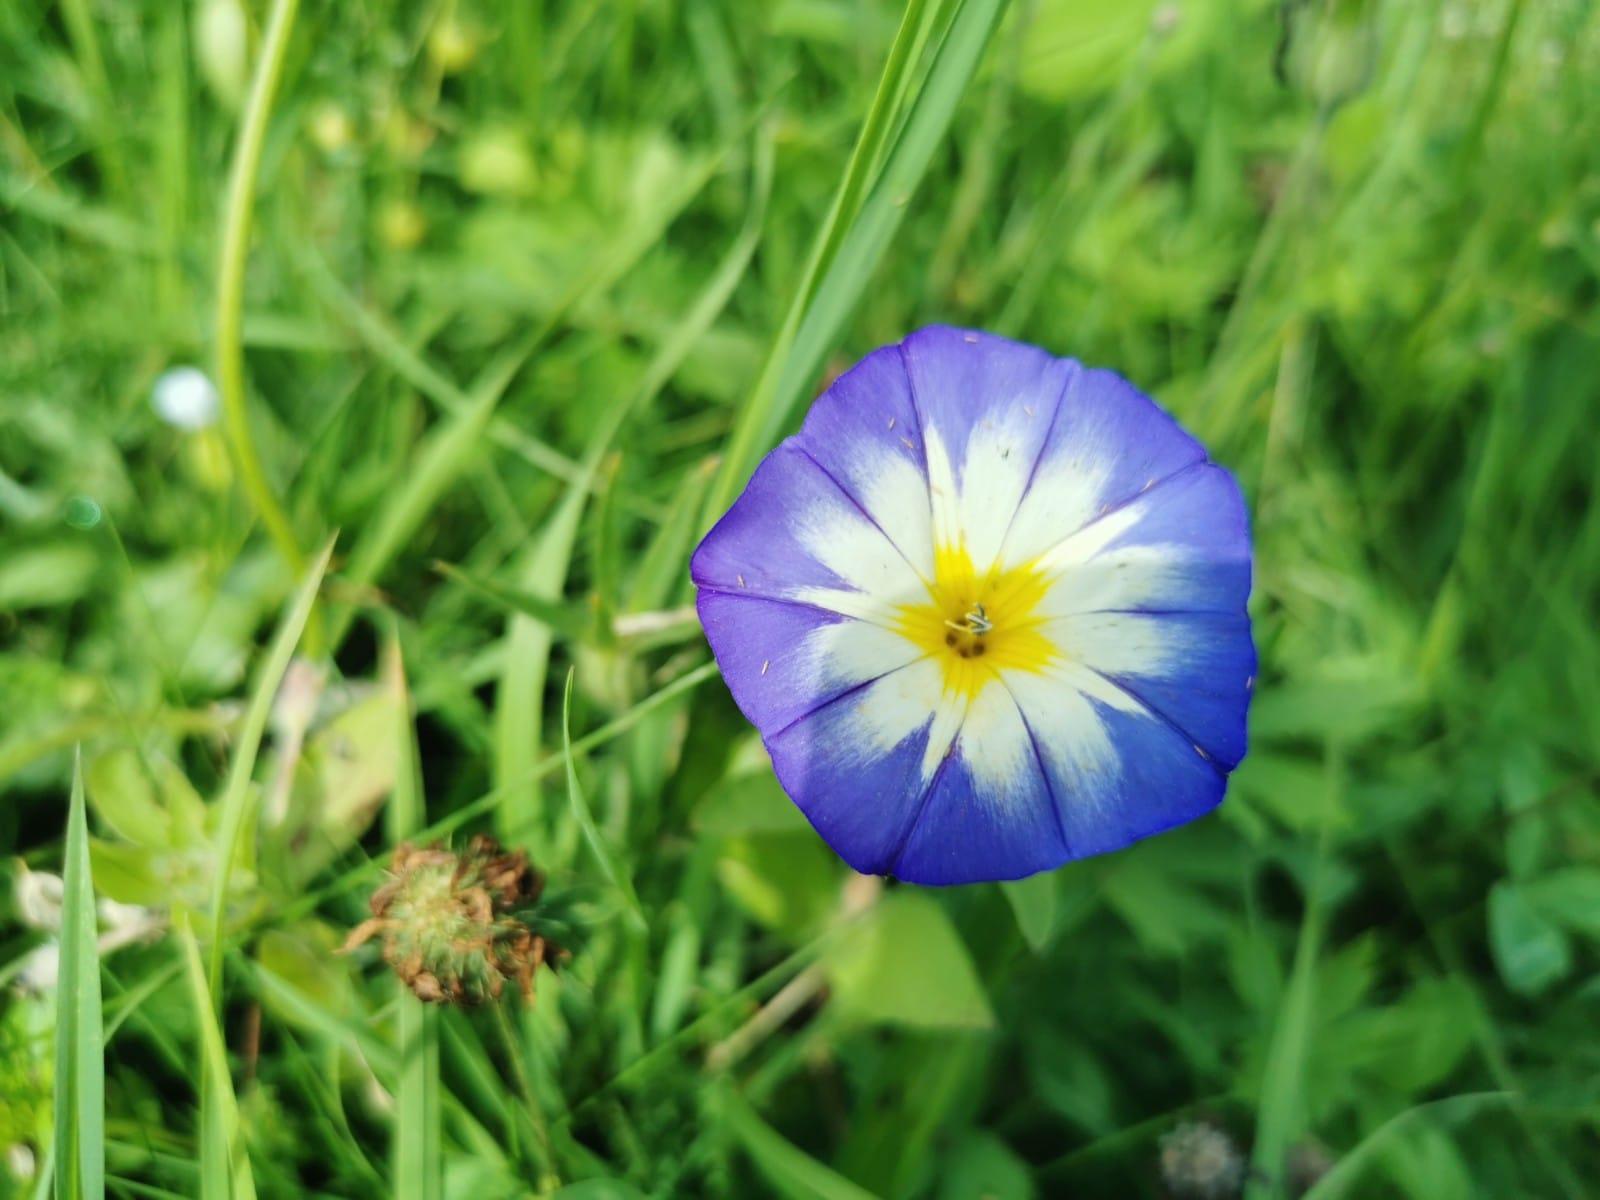 Blühstreifen - Bio Imkerei Bramreither - Mühlviertel - Rohrbach - Helfenberg - Penning - Blaue Blume groß